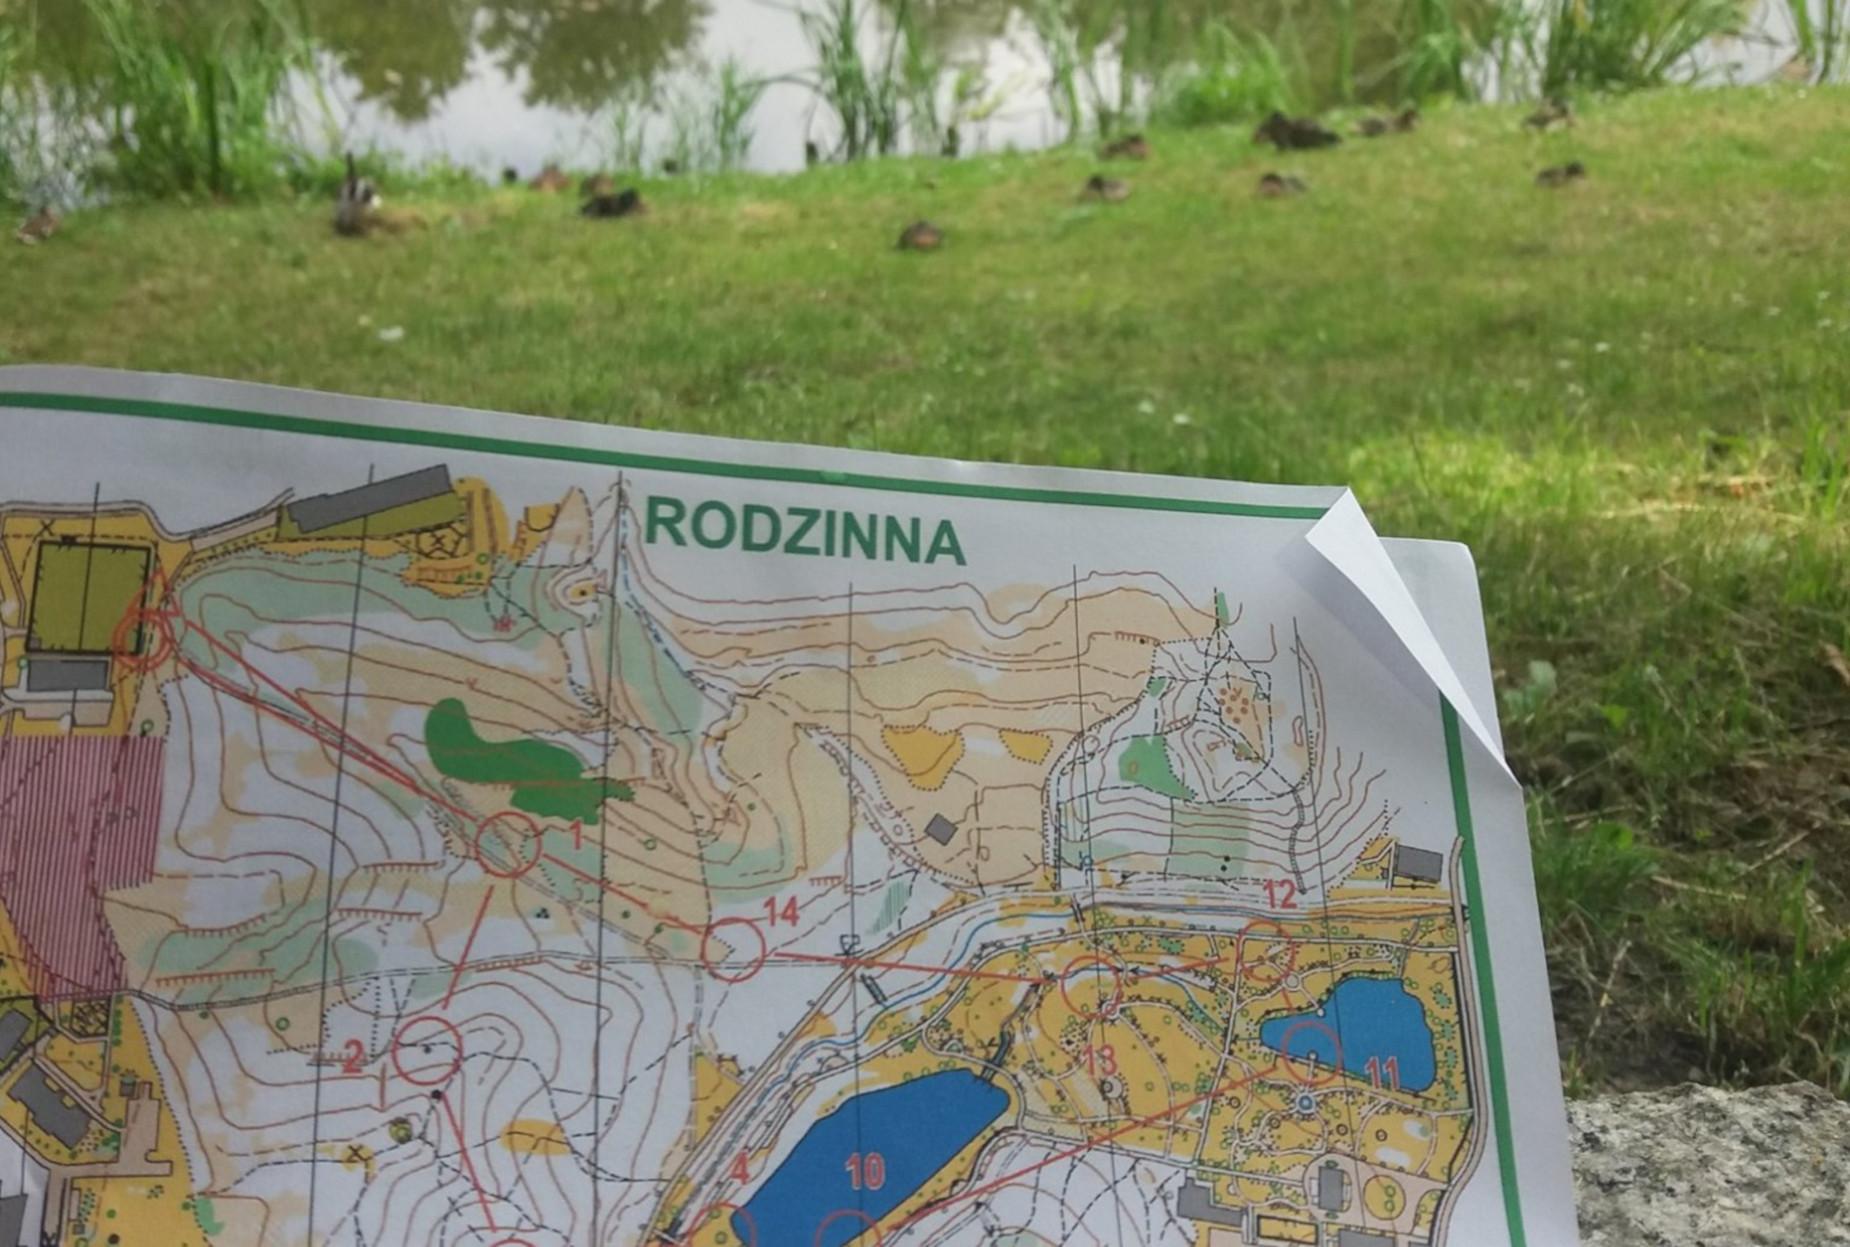 Marszem lub biegiem. Weź mapę, wybierz trasę i odkryj zakątki gdańskiej dzielnicy